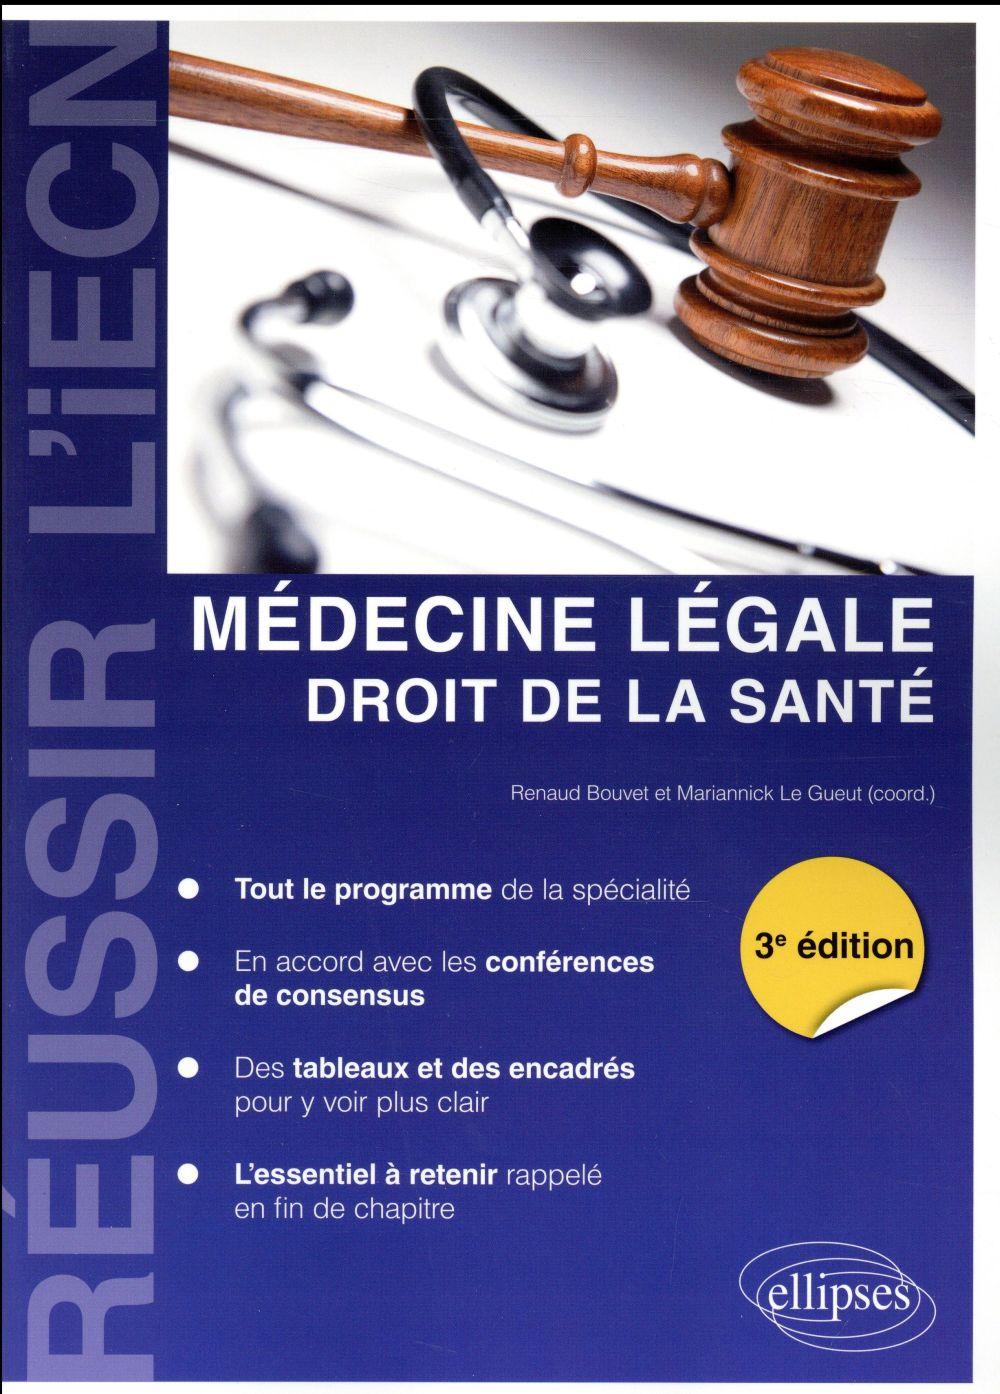 Médecine légale ; droit de la santé (3e édition)